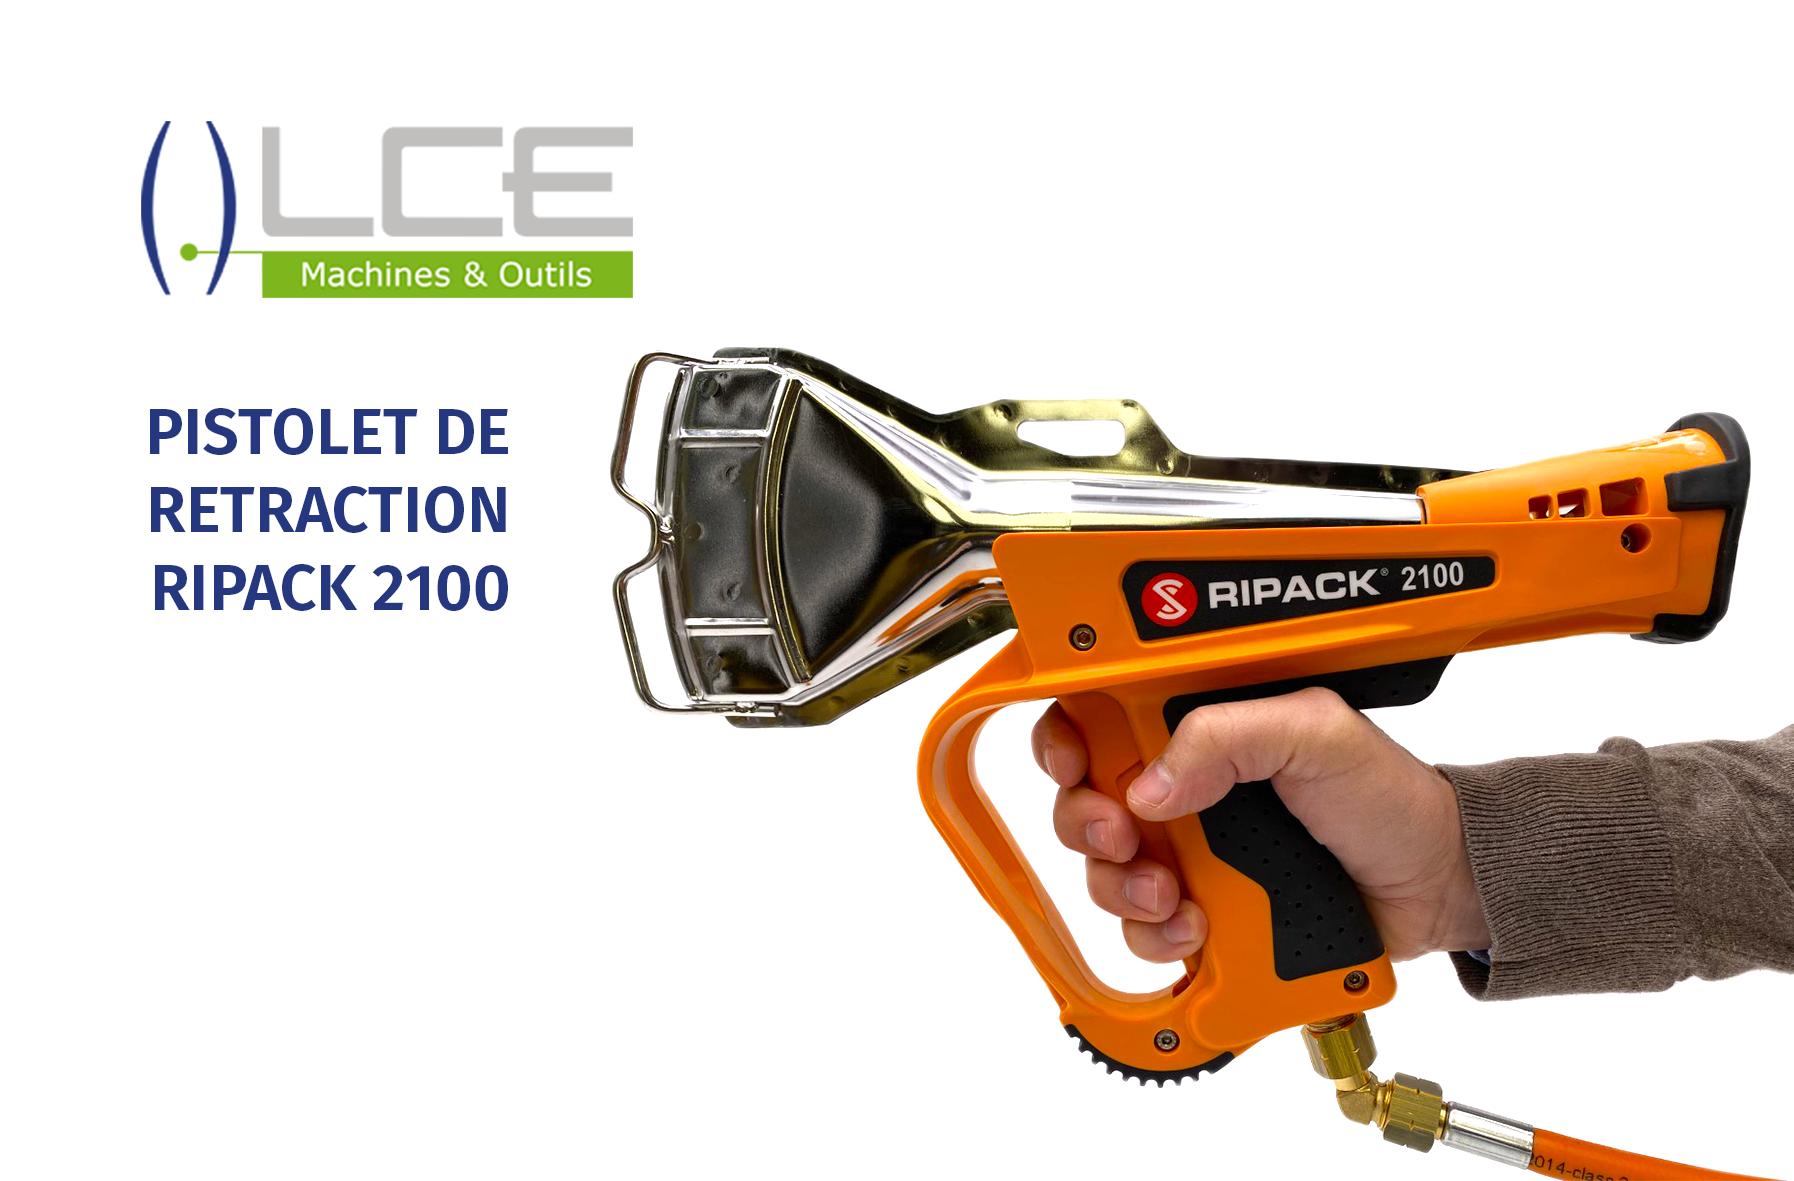 Pistolet de rétraction RIPACK 2100